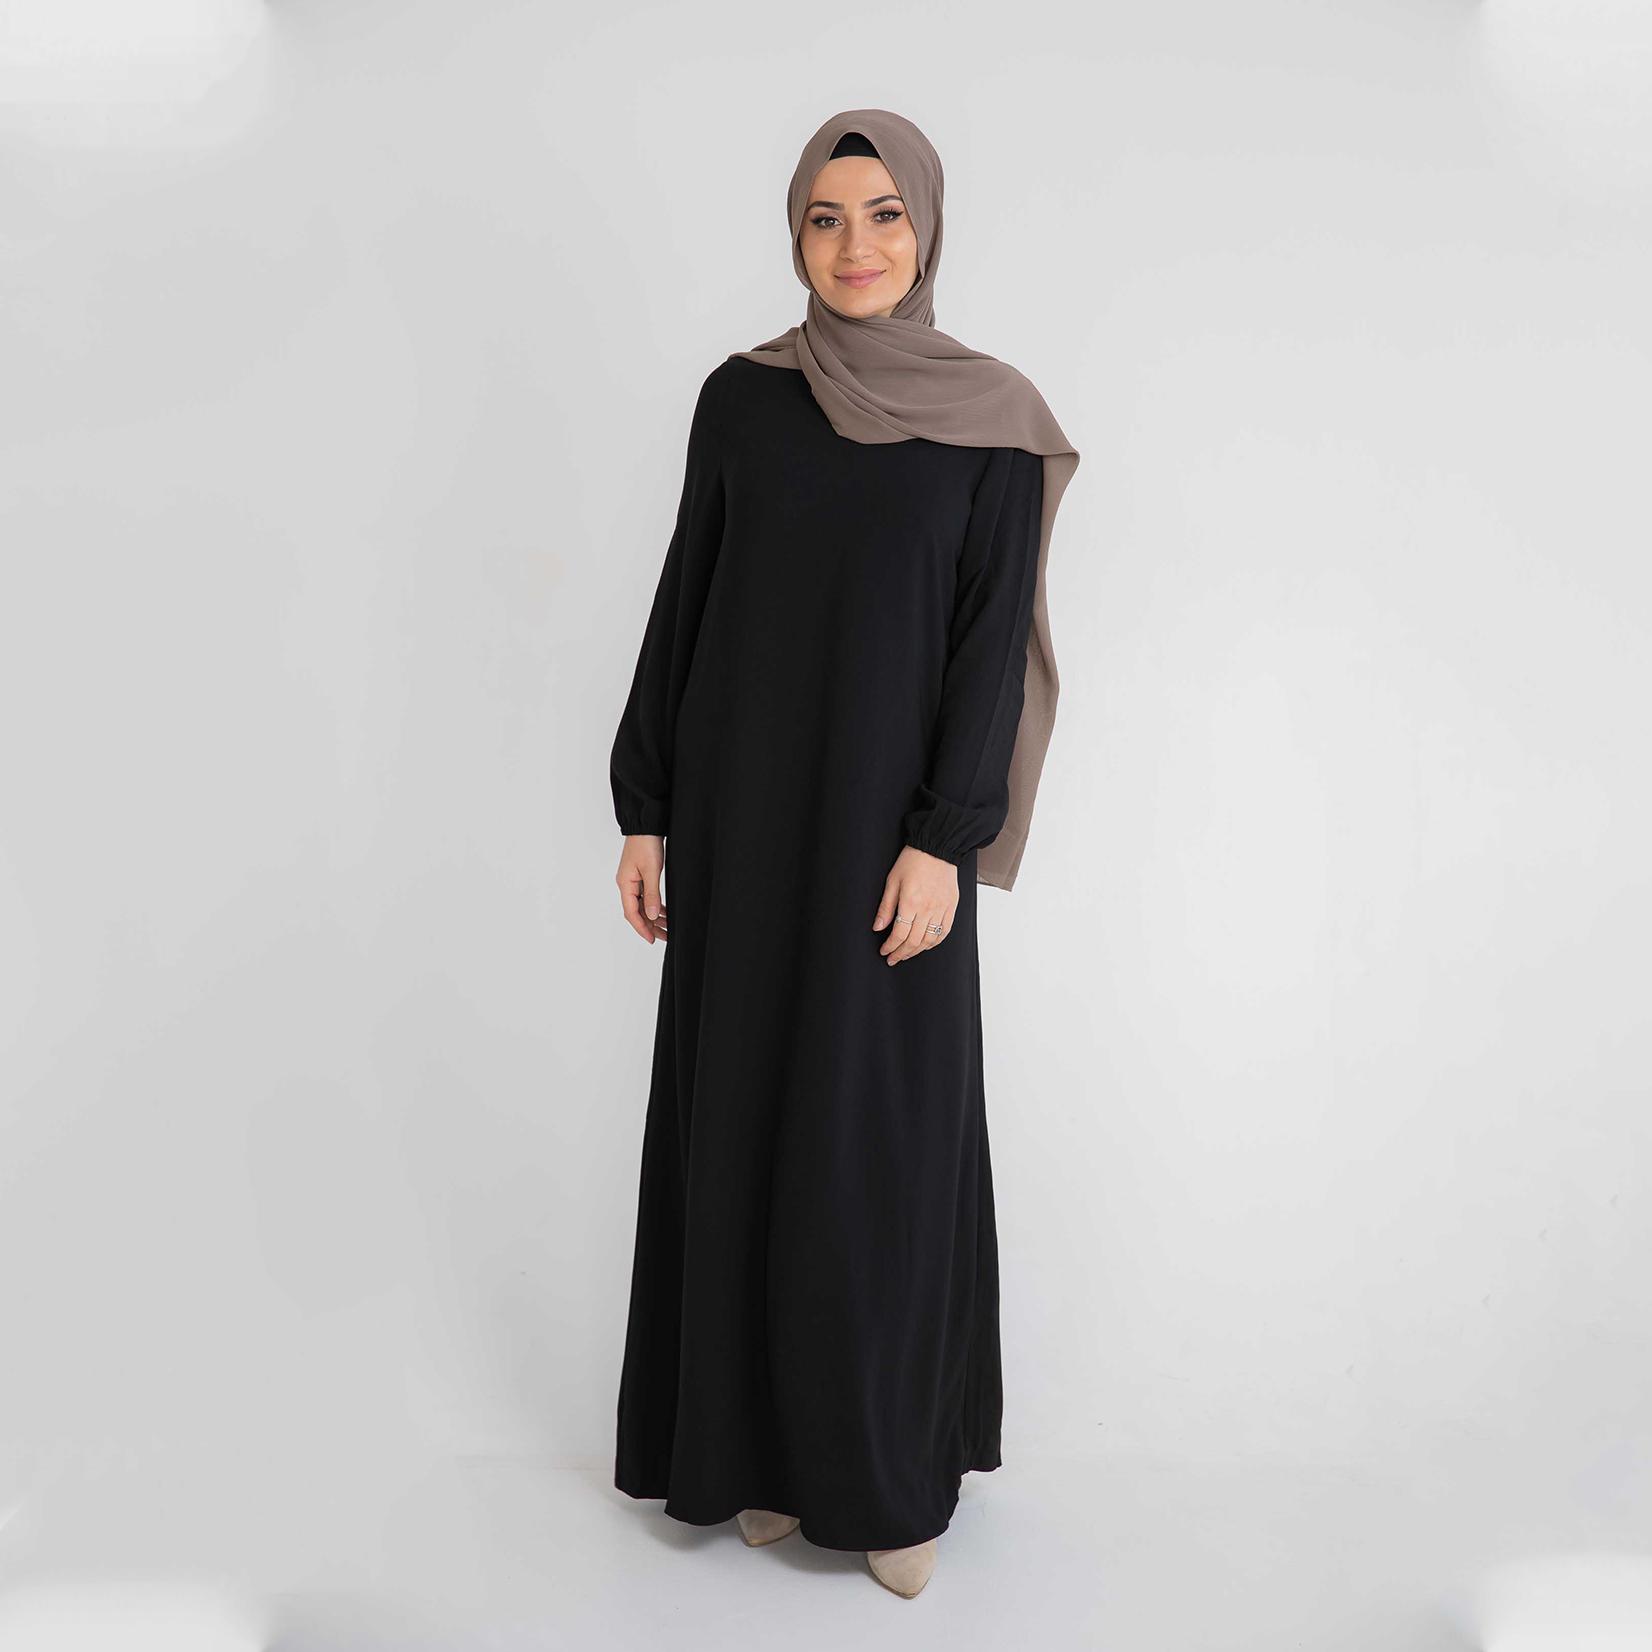 Nasiba Fashion Black Cuffed Abayah